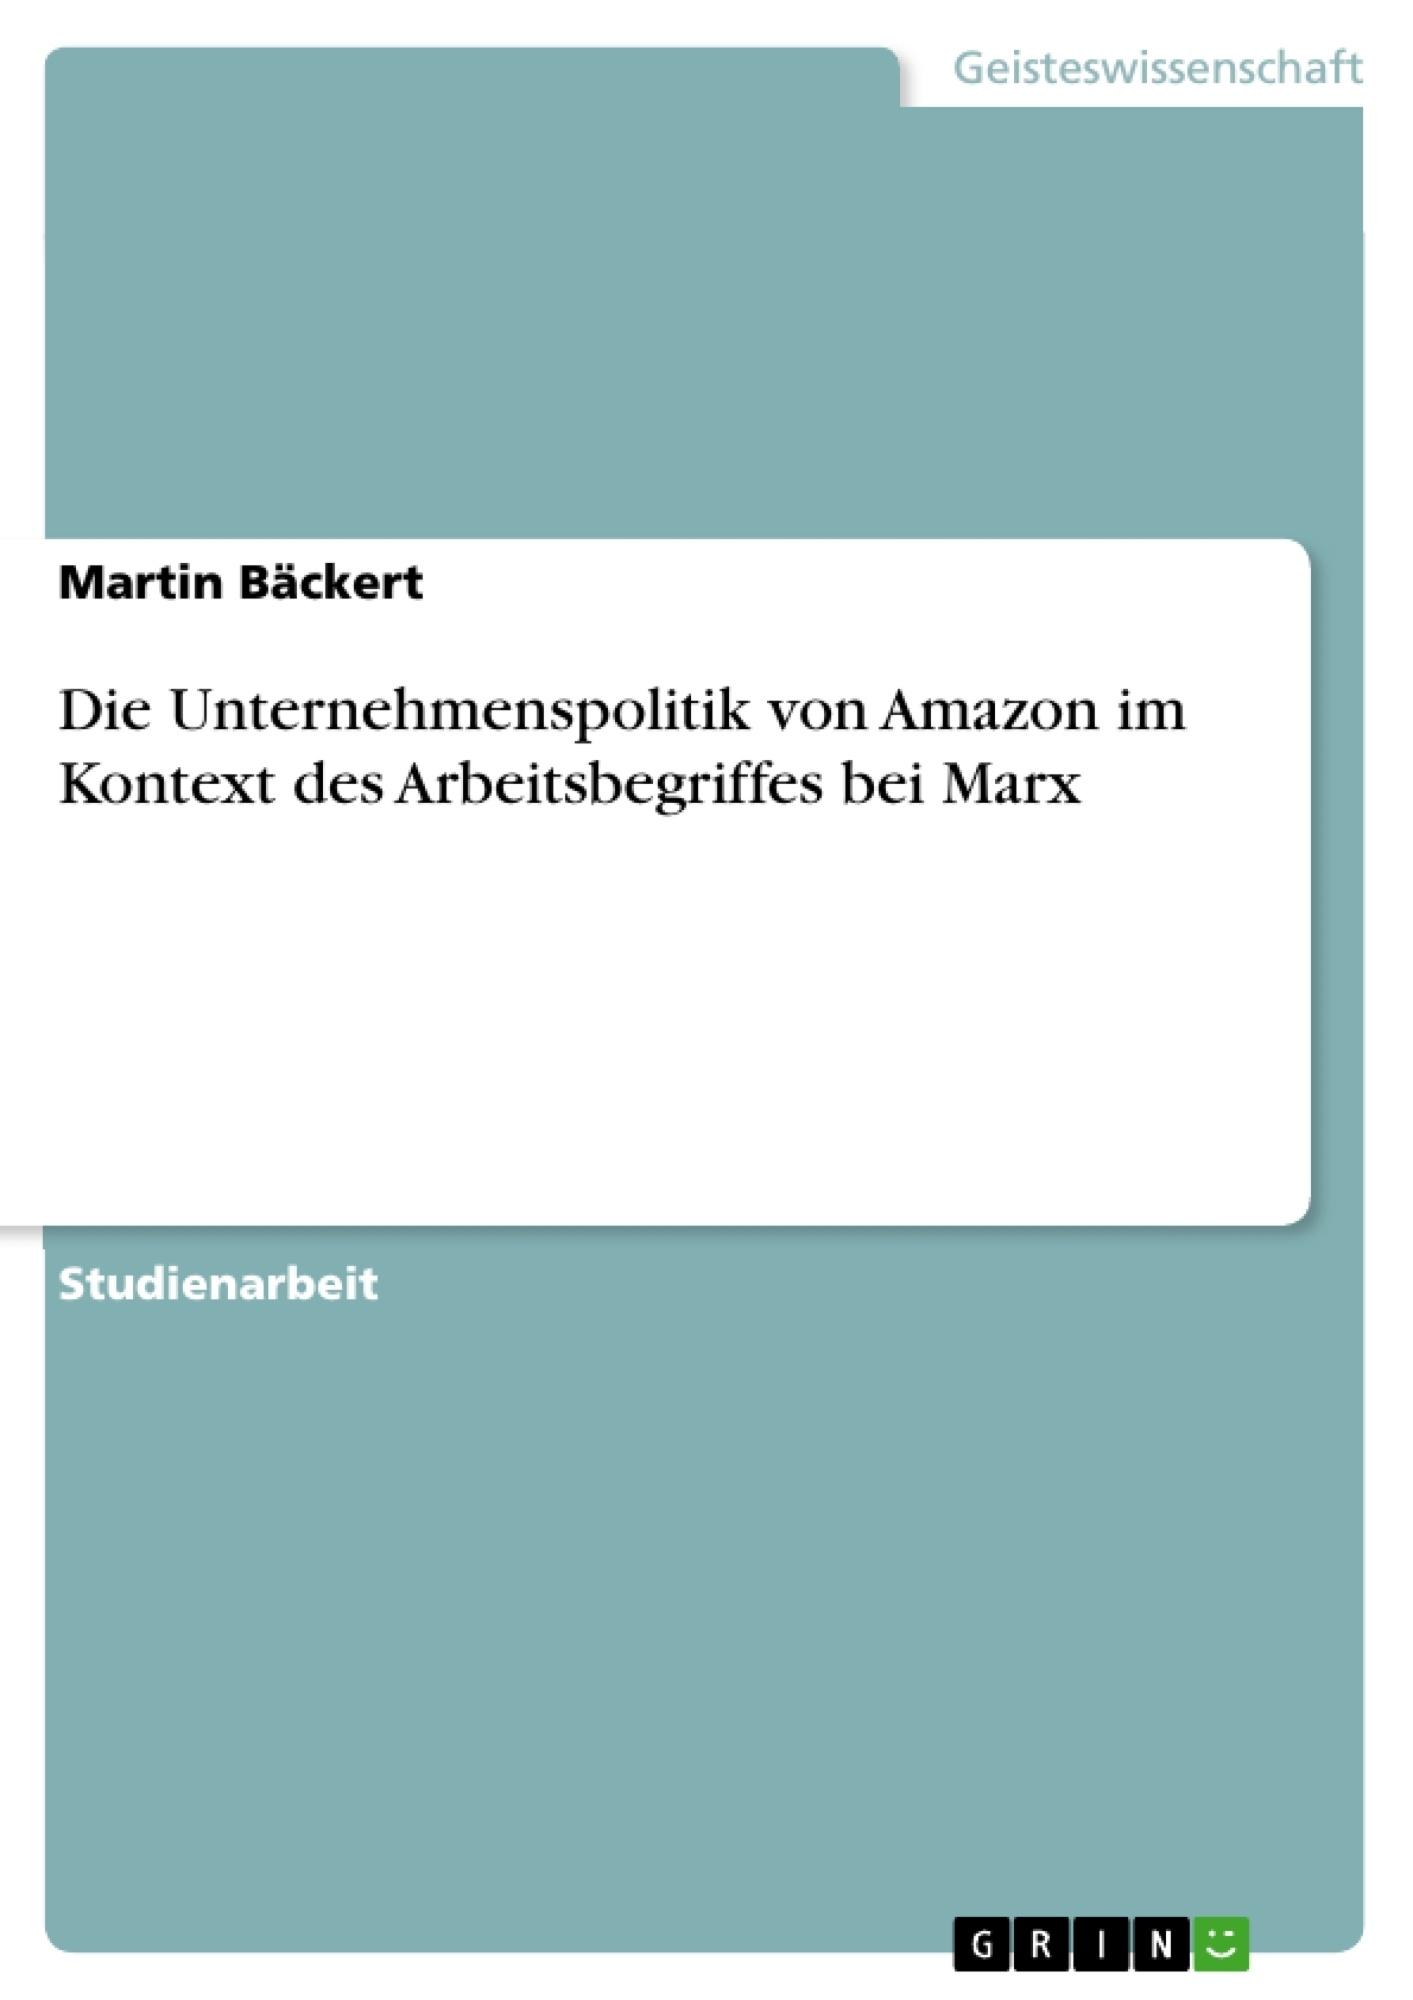 Titel: Die Unternehmenspolitik von Amazon im Kontext des Arbeitsbegriffes bei Marx